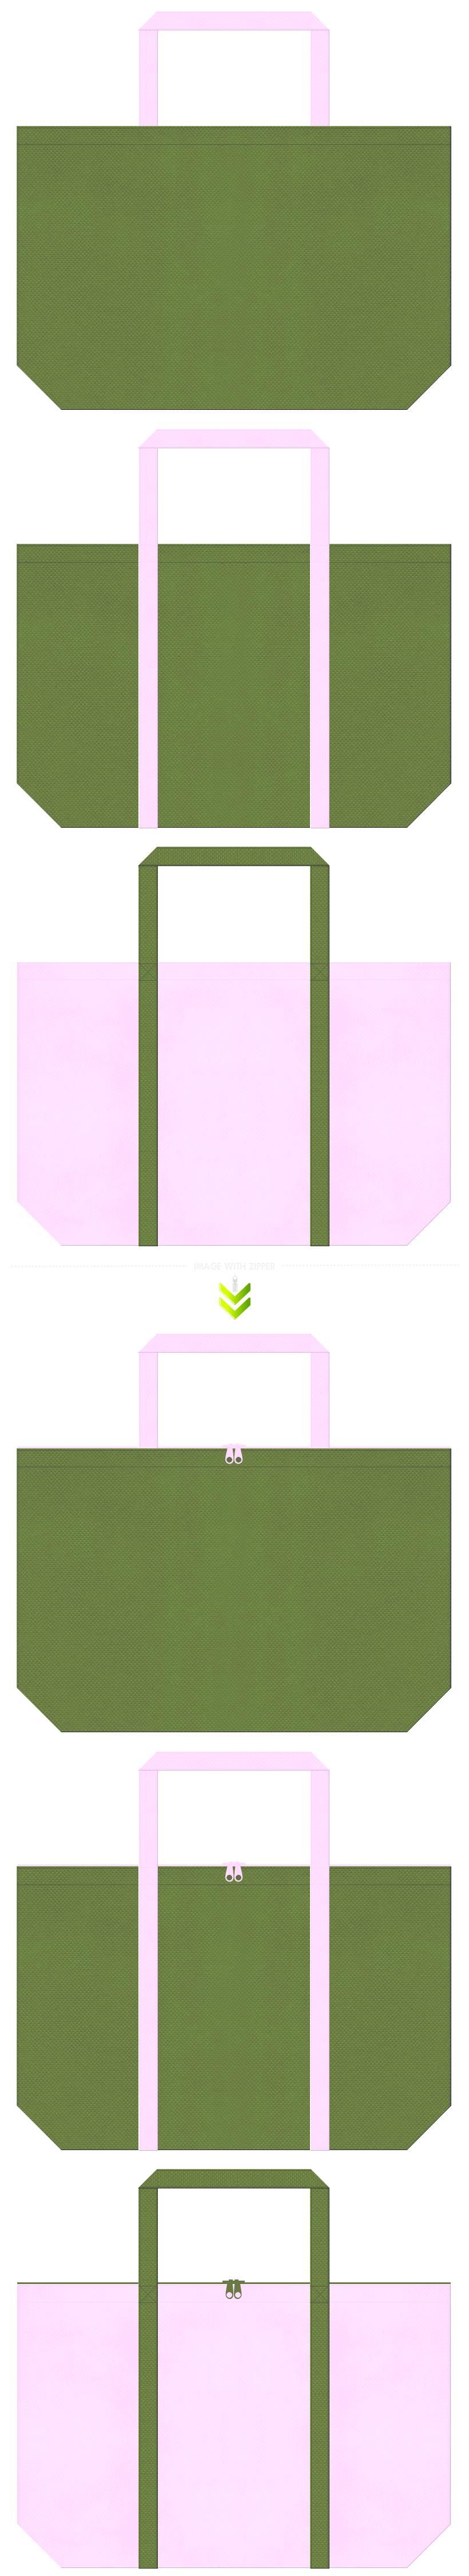 草色と明るいピンク色の不織布バッグデザイン。和雑貨のショッピングバッグや着物クリーニングのバッグにお奨めです。